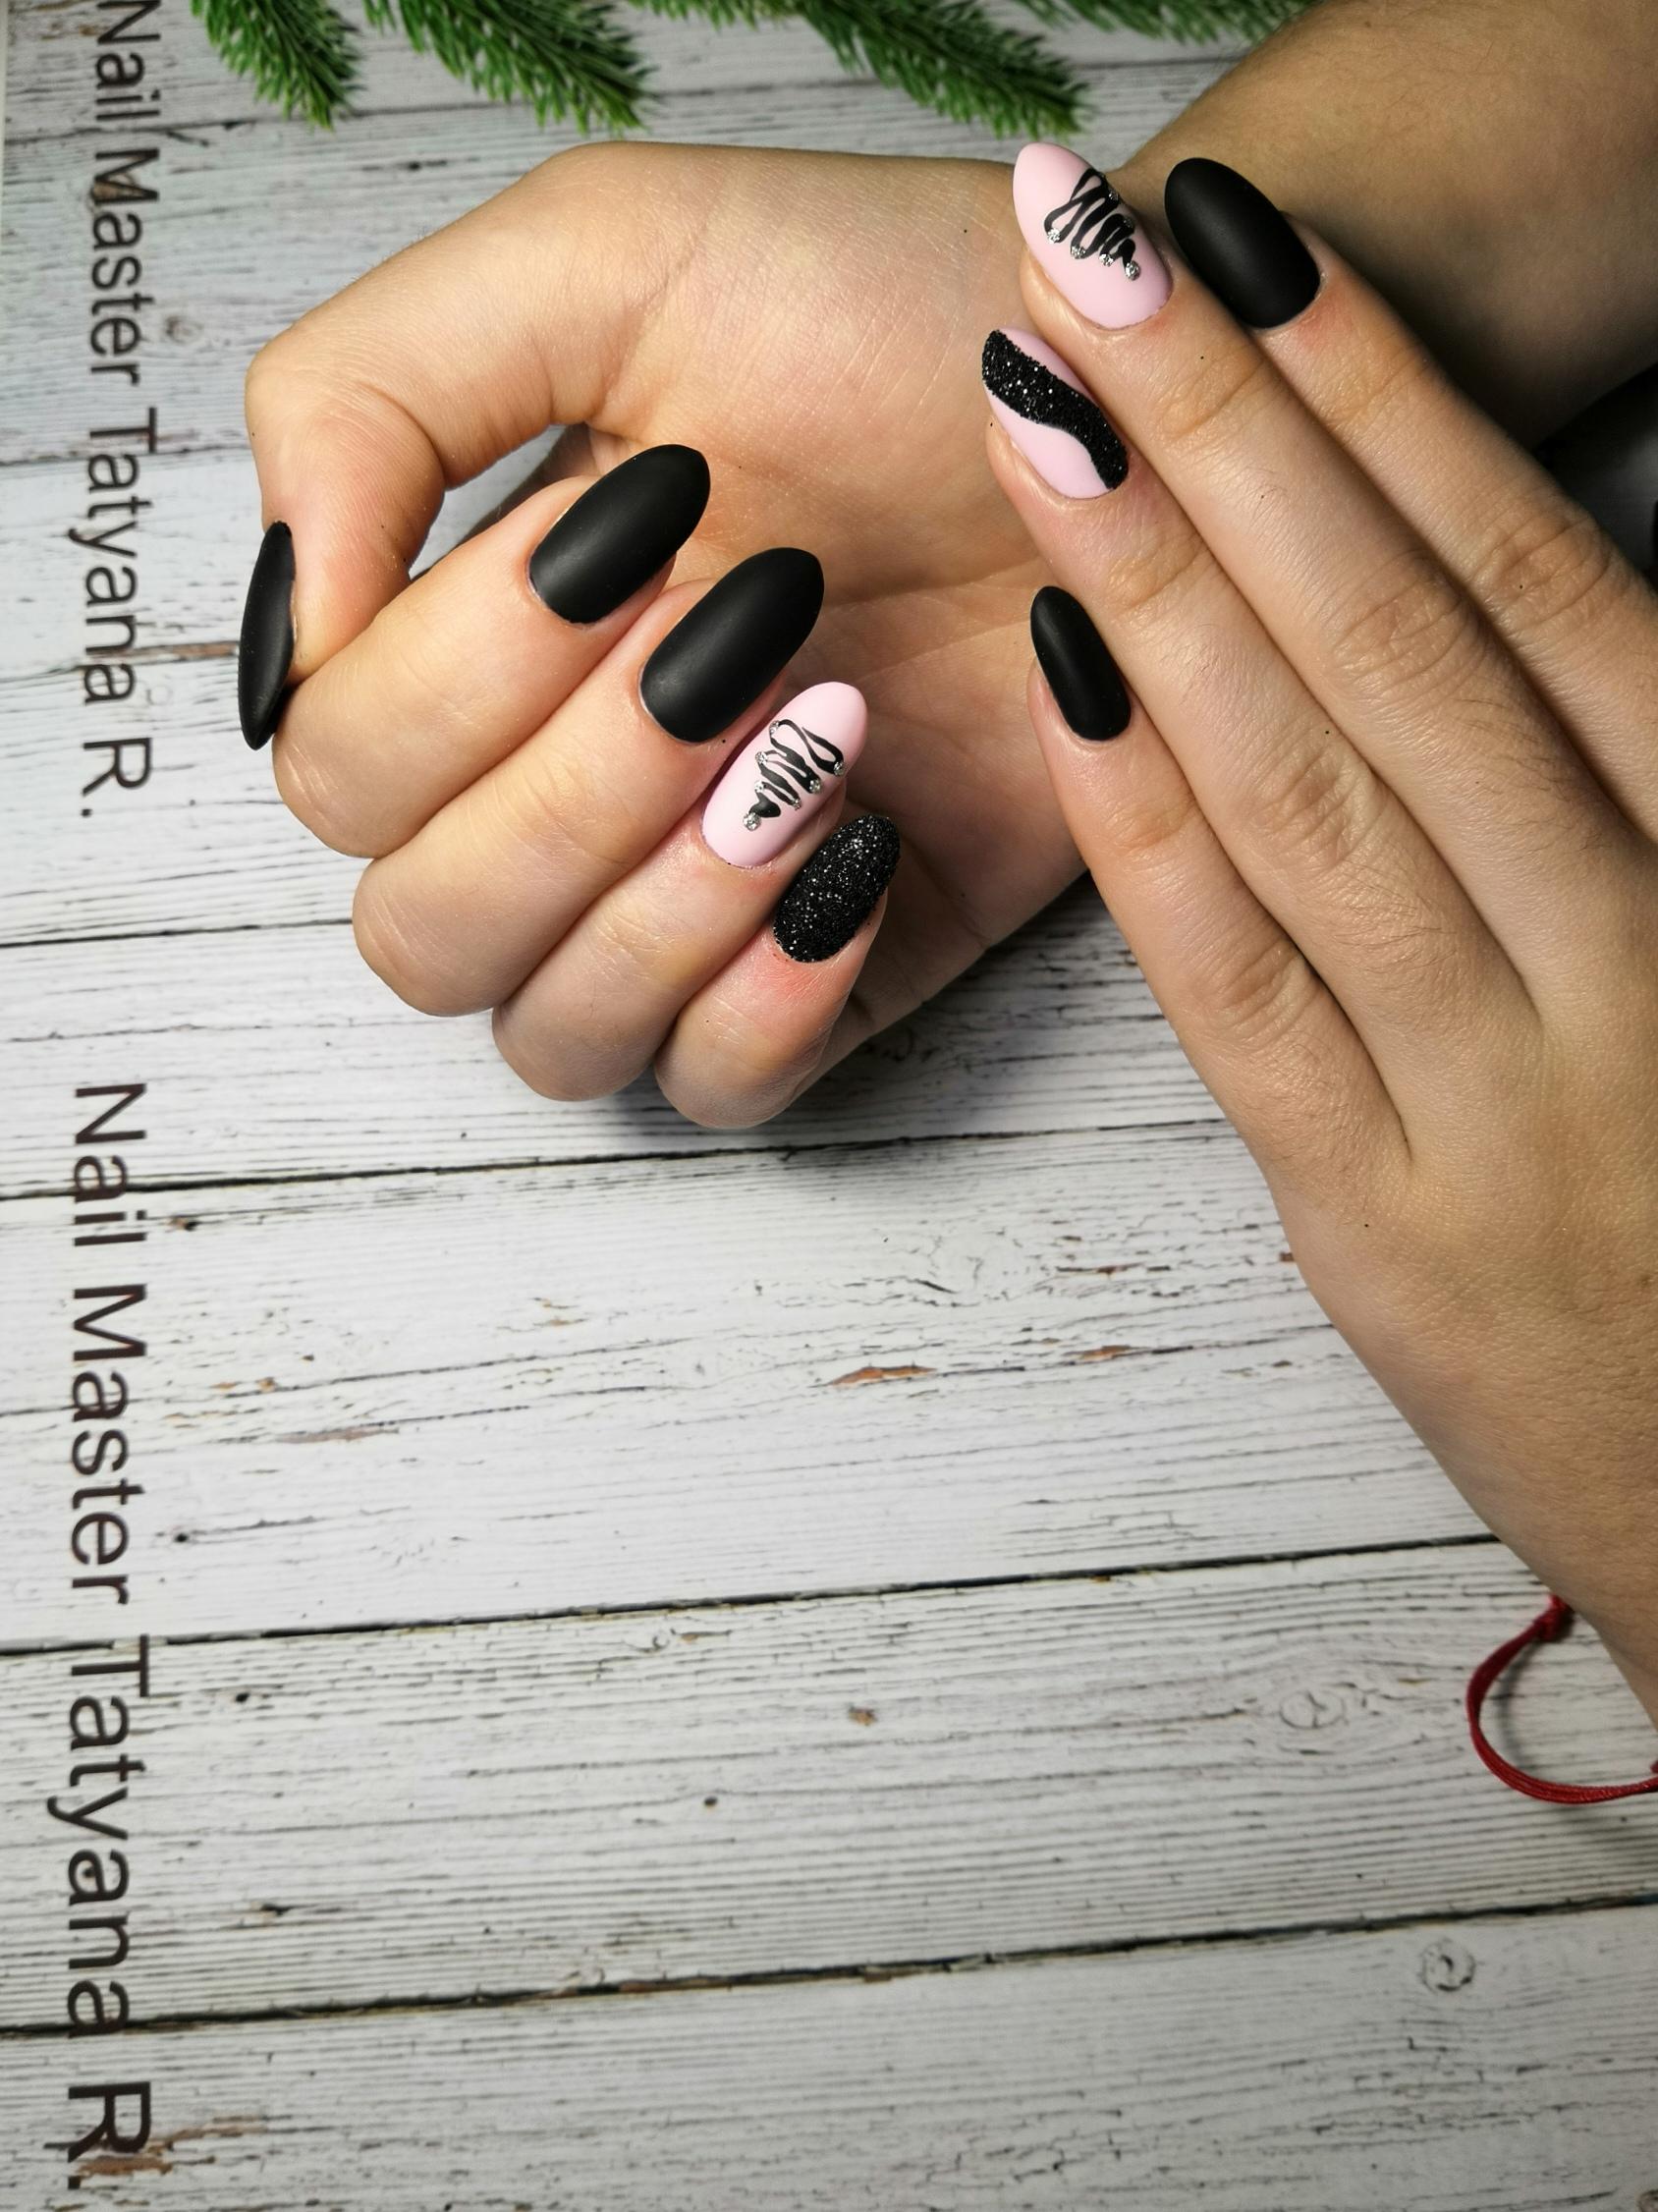 Матовый маникюр в чёрном цвете с чёрным блестящим песком и новогодними рисунками.